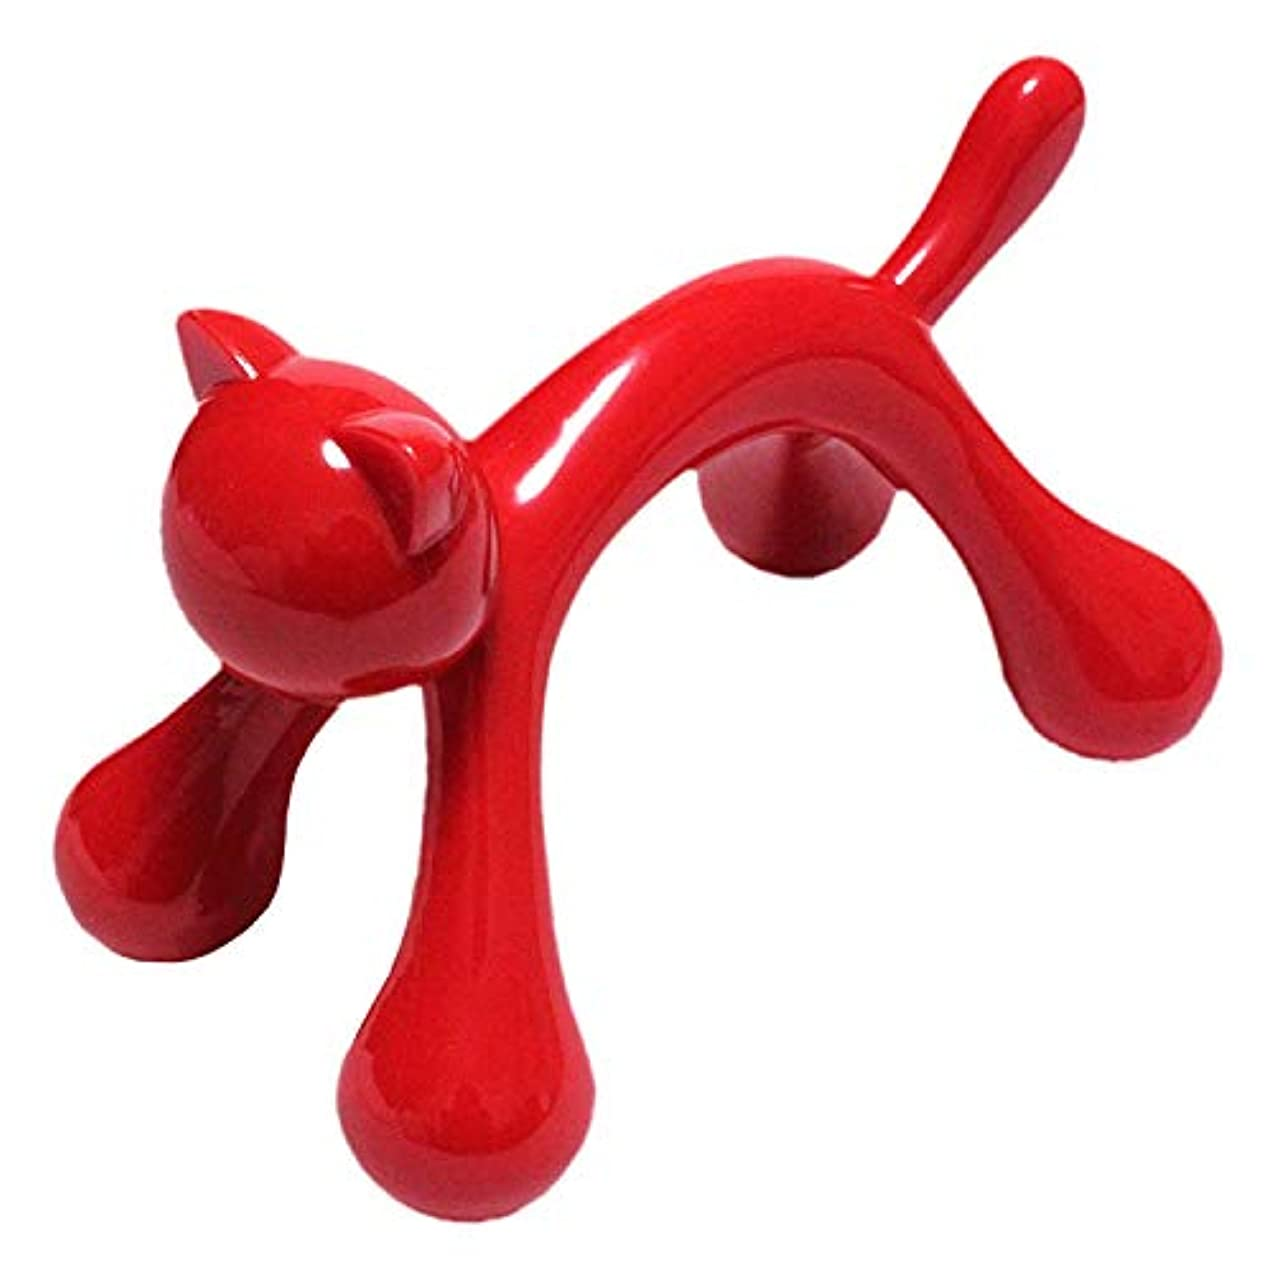 第区別する誇りに思うSuu マッサージ棒 ツボ押し 握りタイプ 背中 首 肩こり等の疲れ解消 可愛いネコ型 (赤)